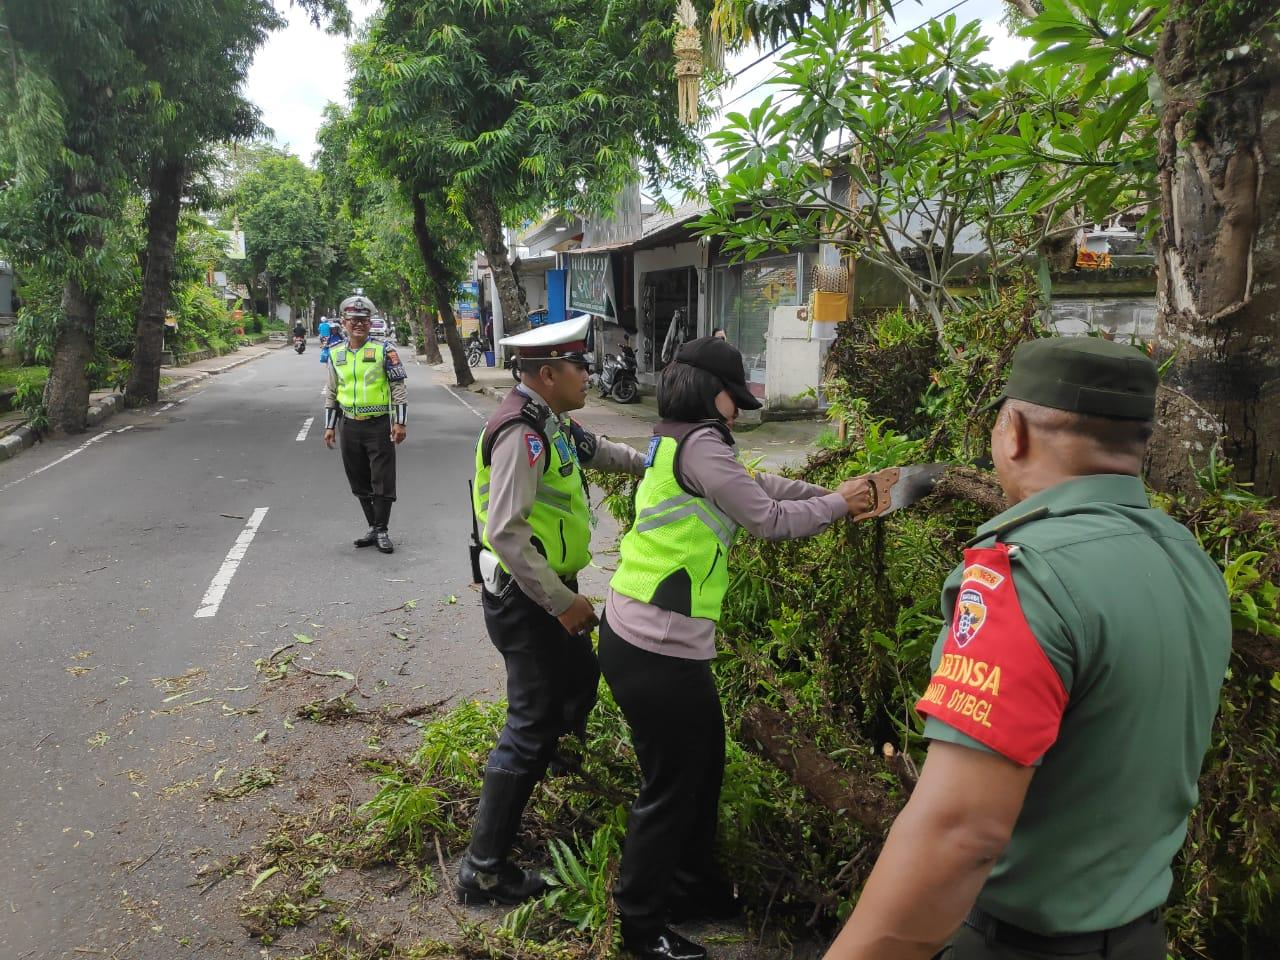 SEJUMLAH petugas membersihkan pohon tumbang di Jalan Kusuma Yudha, Bangli, Jumat (6/3/2020). Foto: nengah adi suda dharma